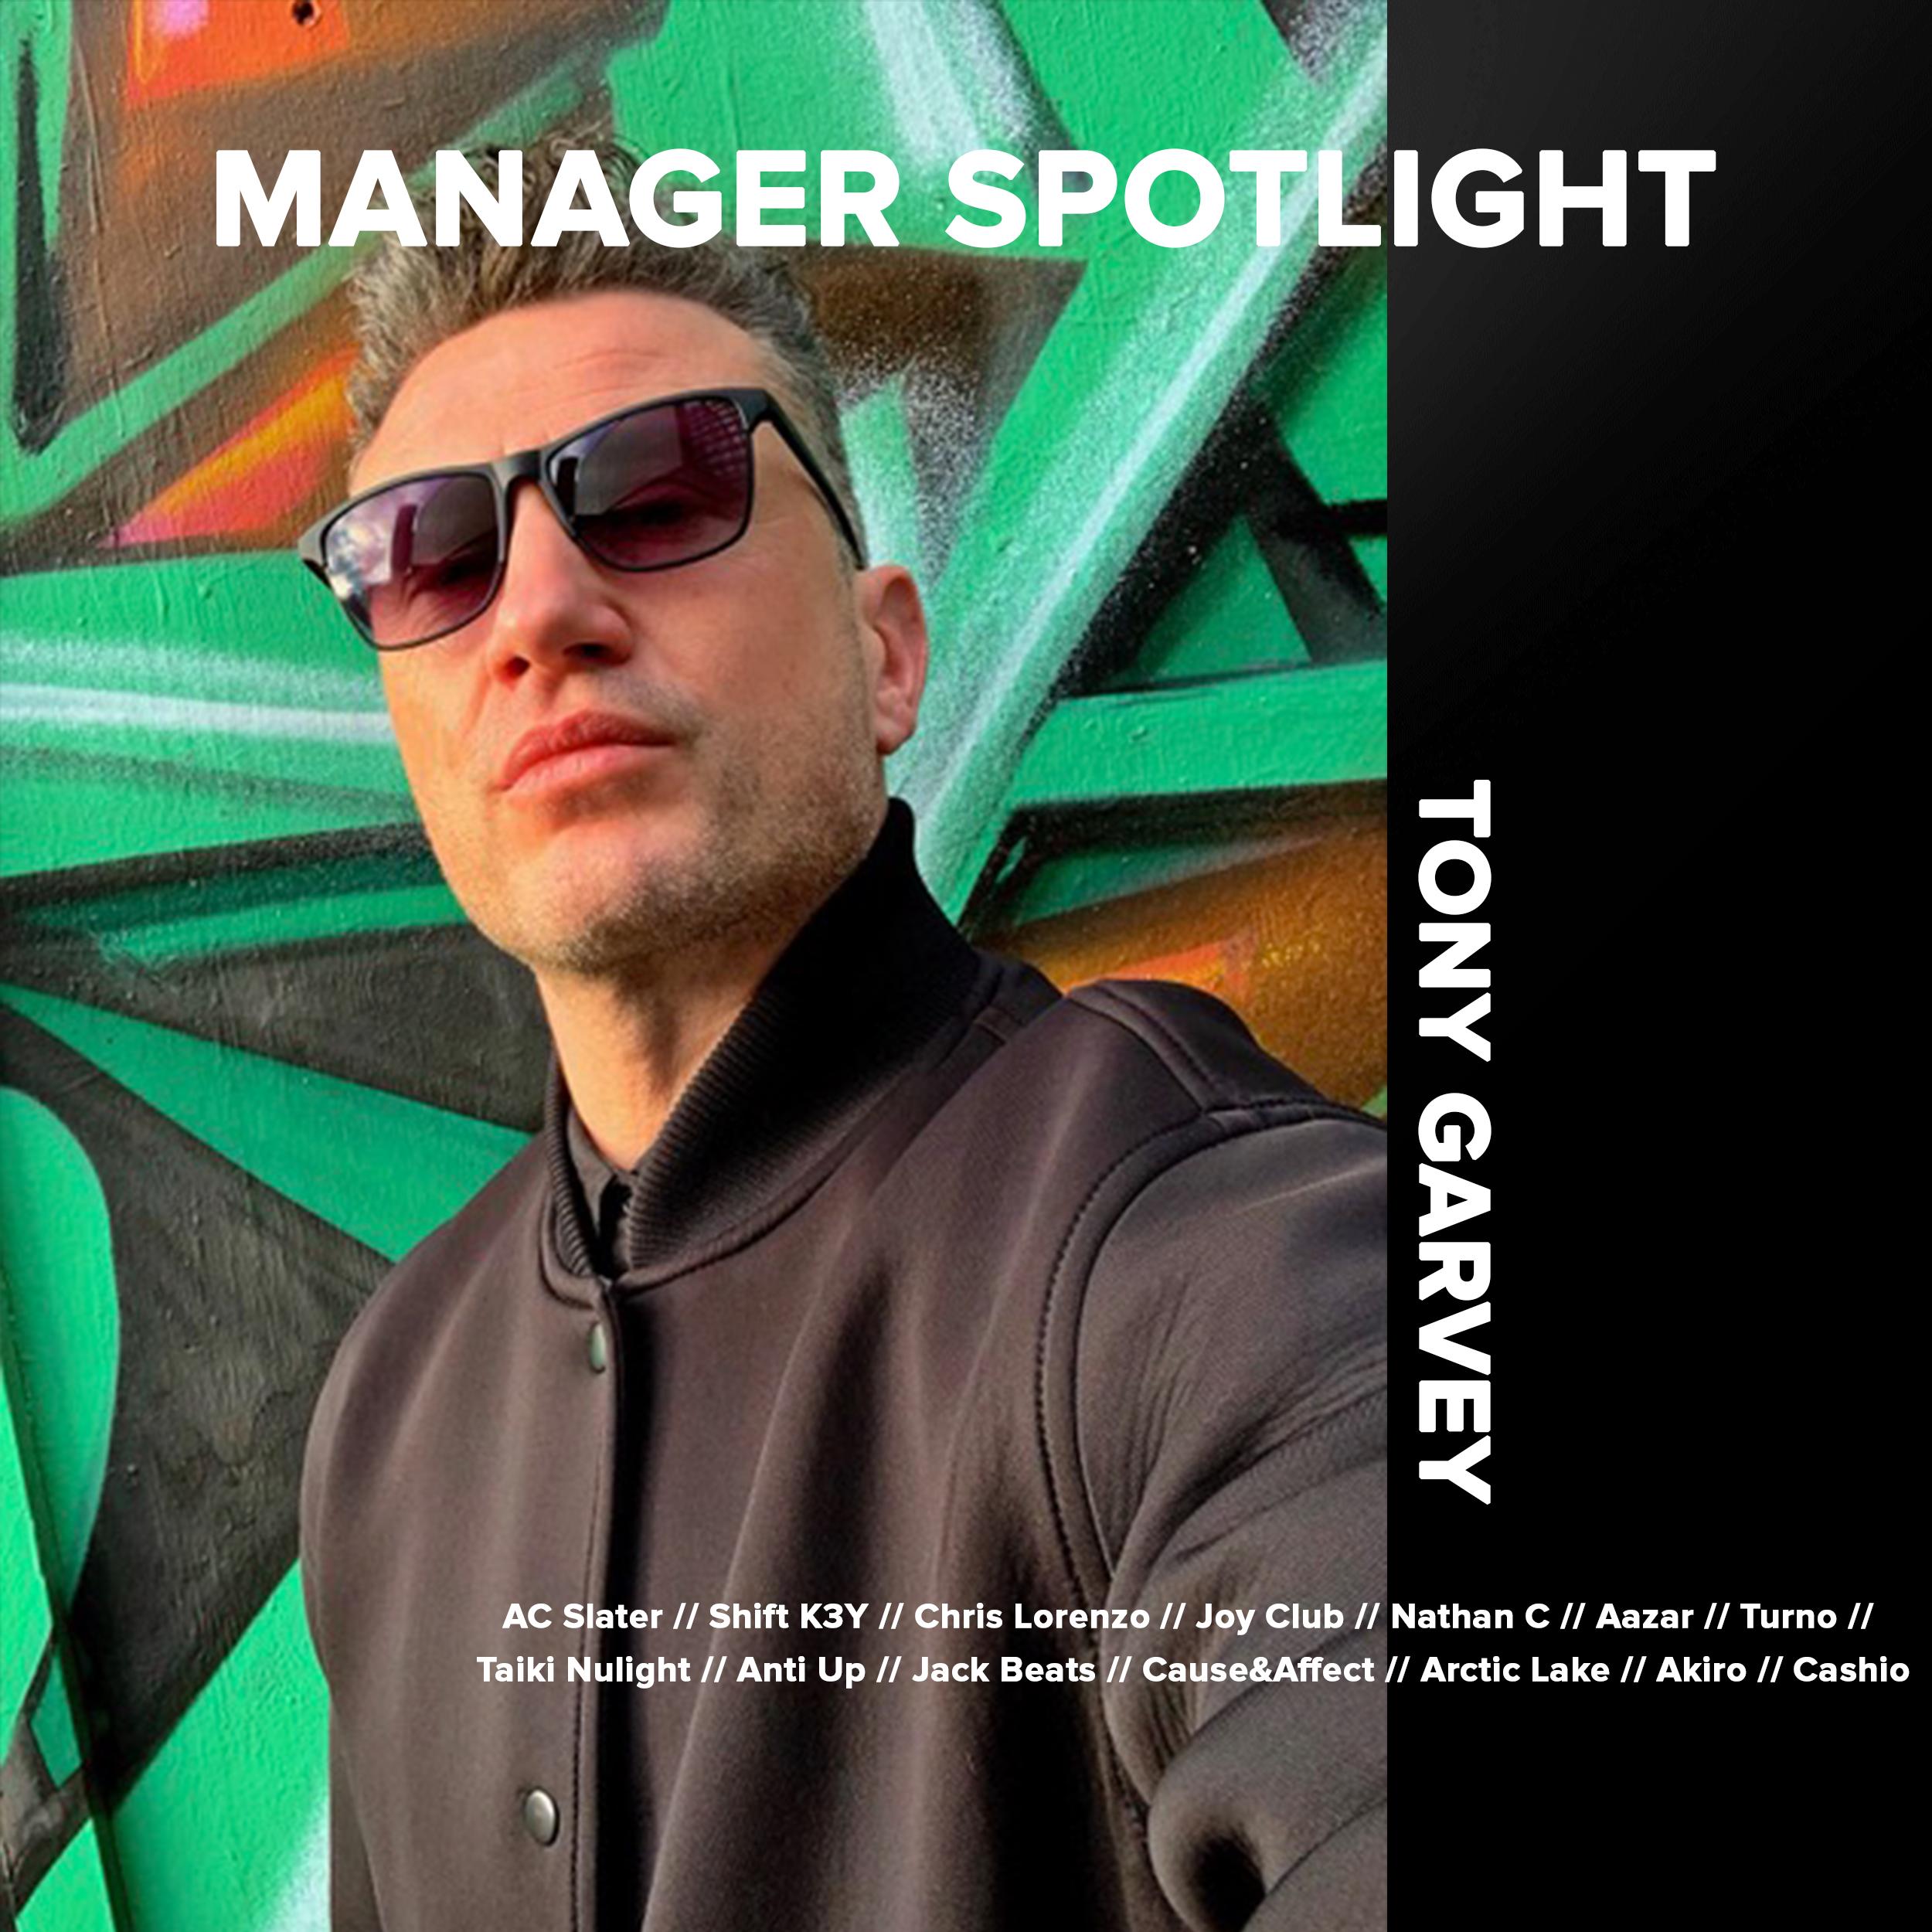 Manager Spotlight Tony G